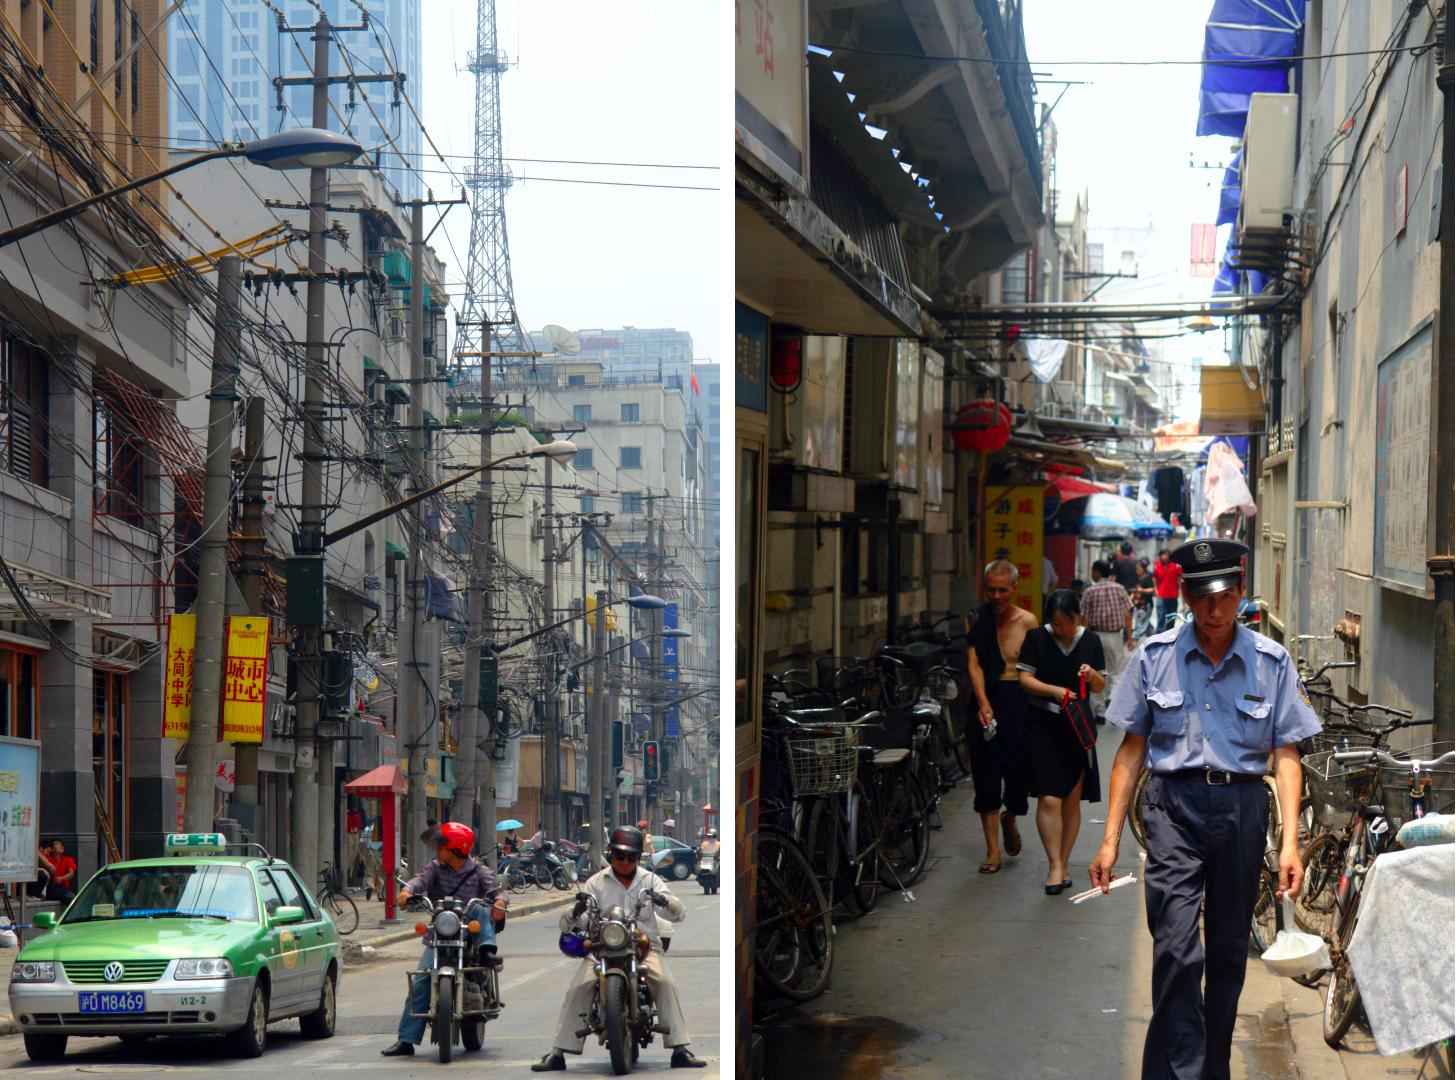 qué ver en Shanghai, China qué ver en shanghai - 32435929201 76bff0638f o - Qué ver en Shanghai, China